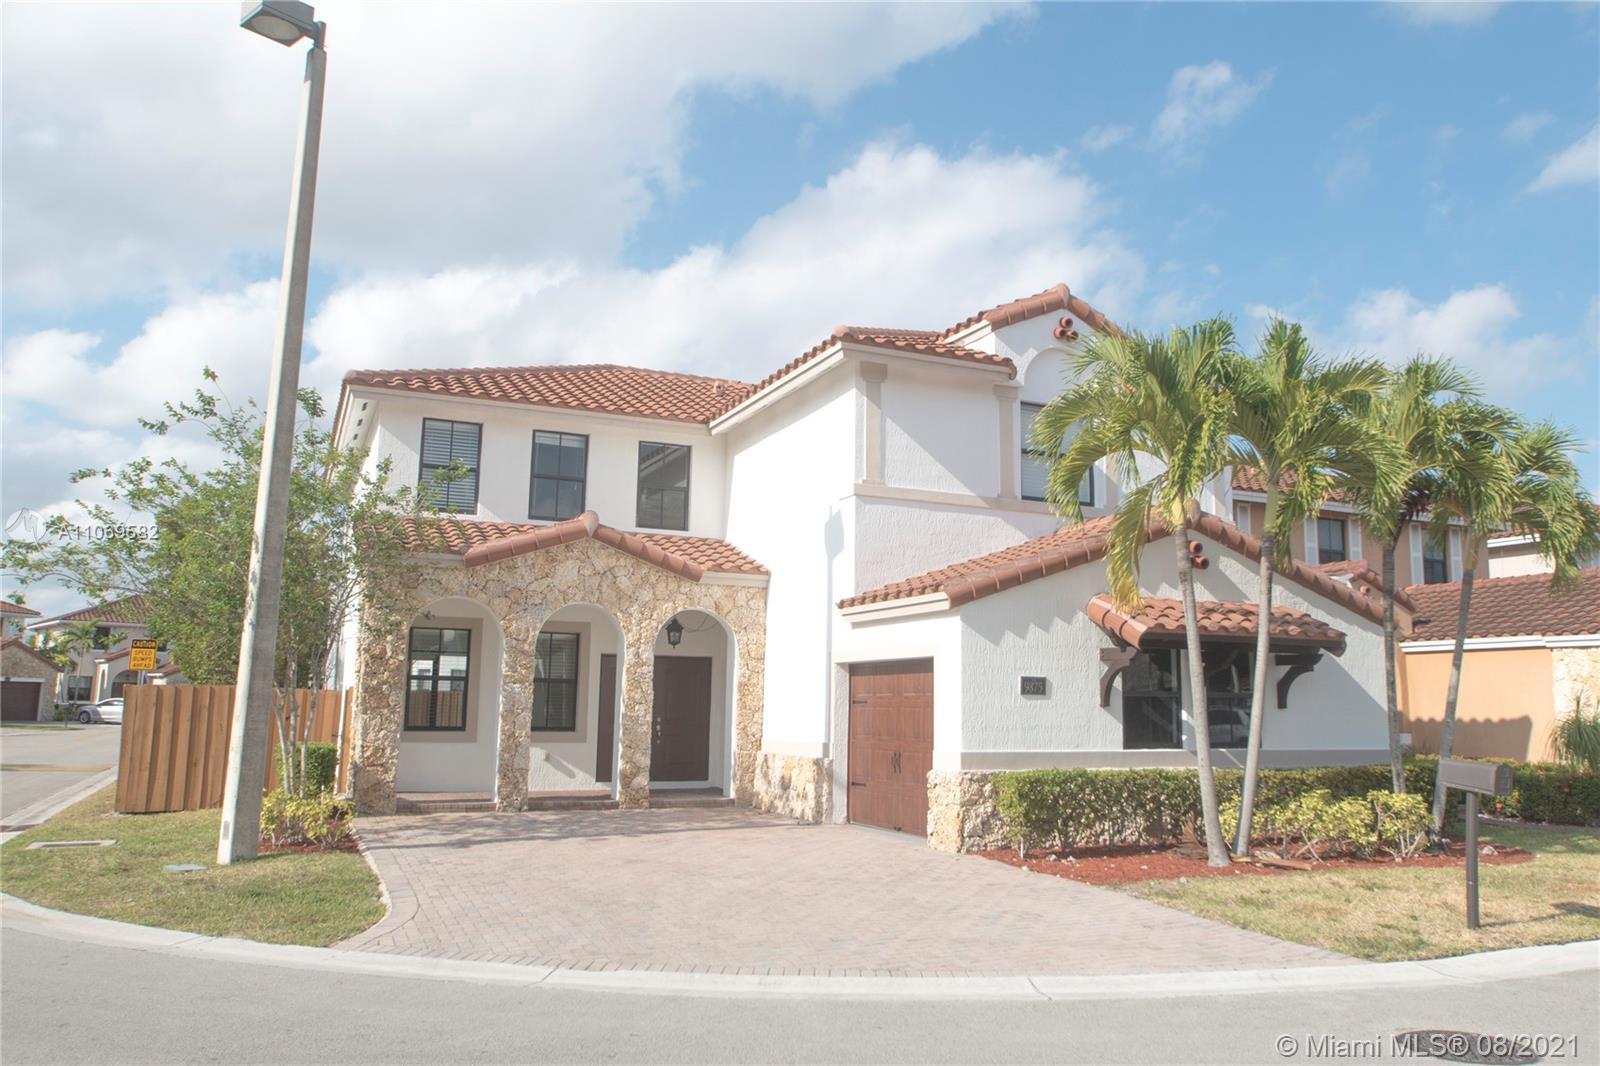 Las Ramblas - 9875 NW 10th St, Miami, FL 33172